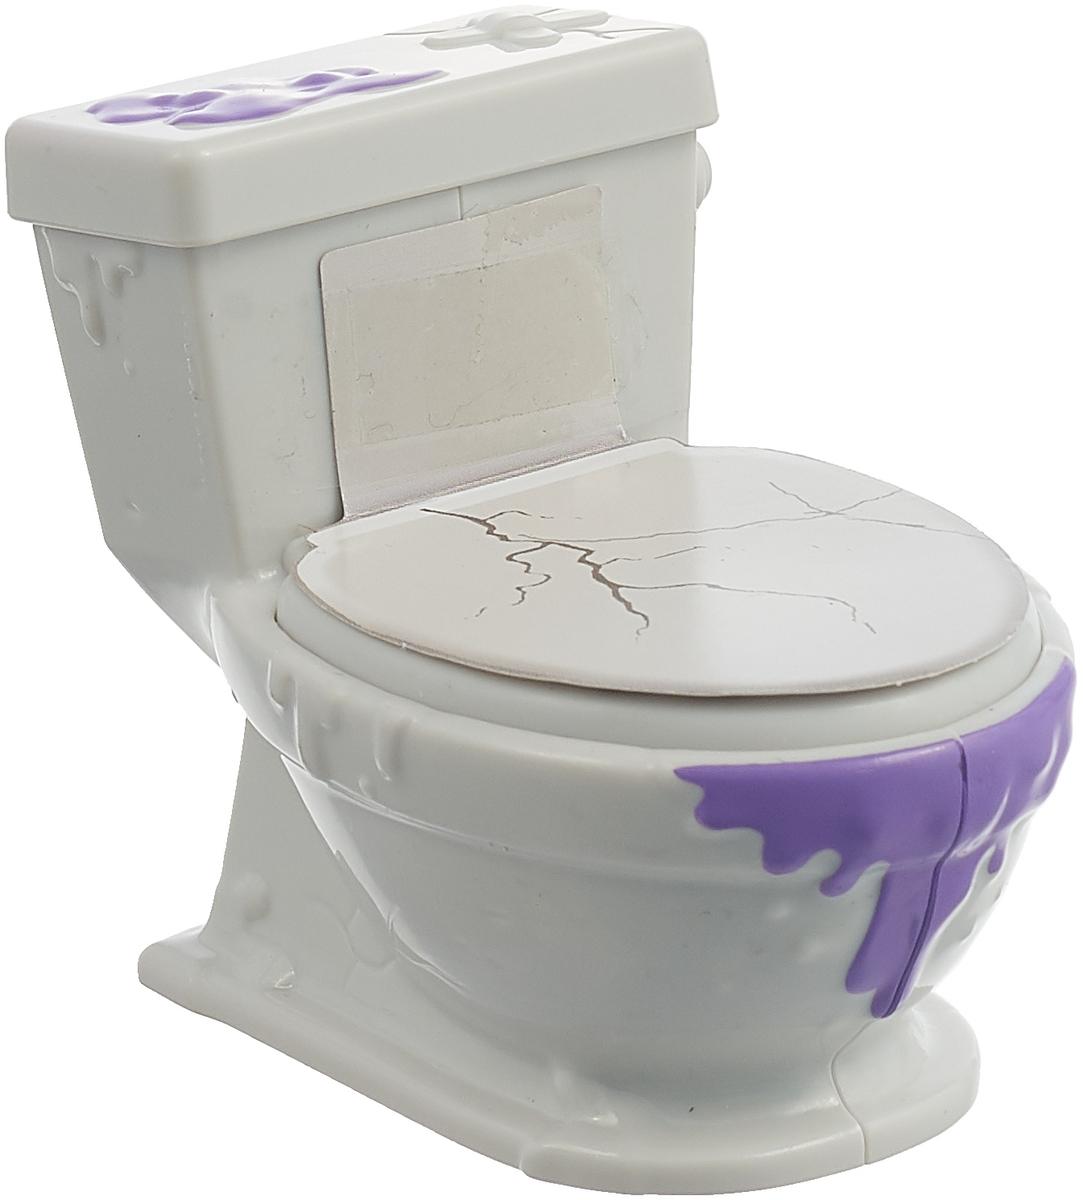 Набор коллекционных фигурок Flush Force, 38800, фиолетовый, белый, 2 шт коллекционные фигурки 5 штук flush force 38801